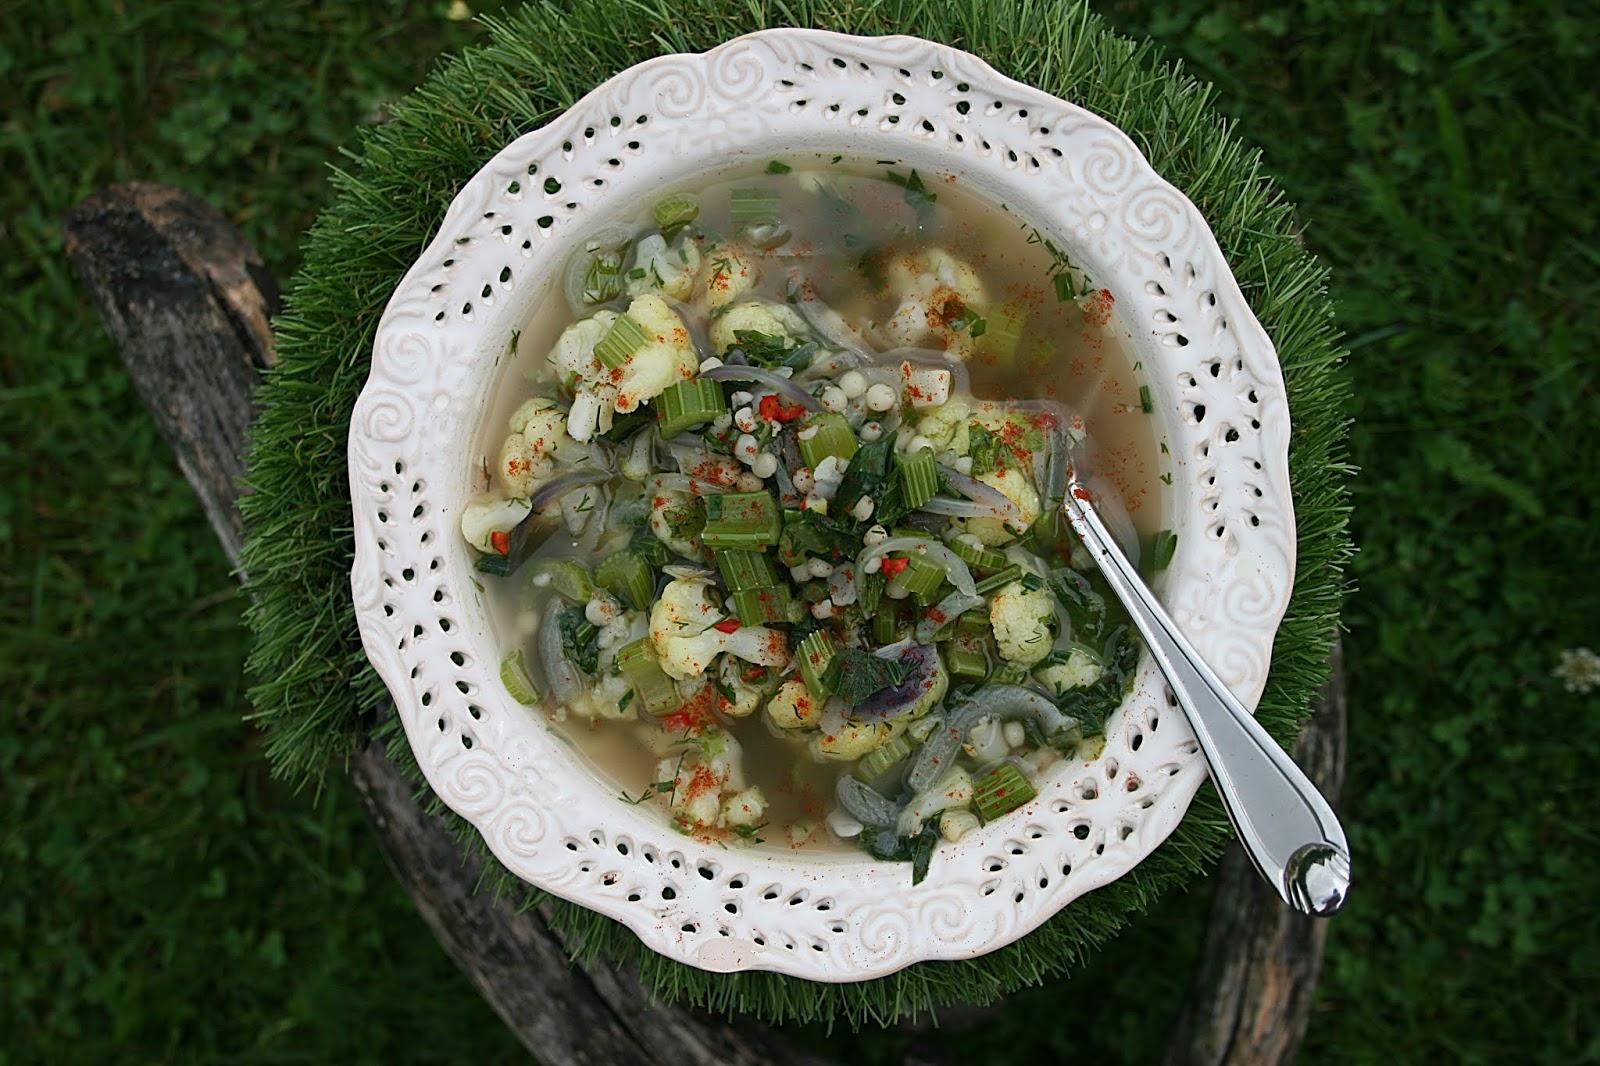 Rozgrzewająca zupa z serela naciowego i kalafiora – dietetyczna i aromatyczna